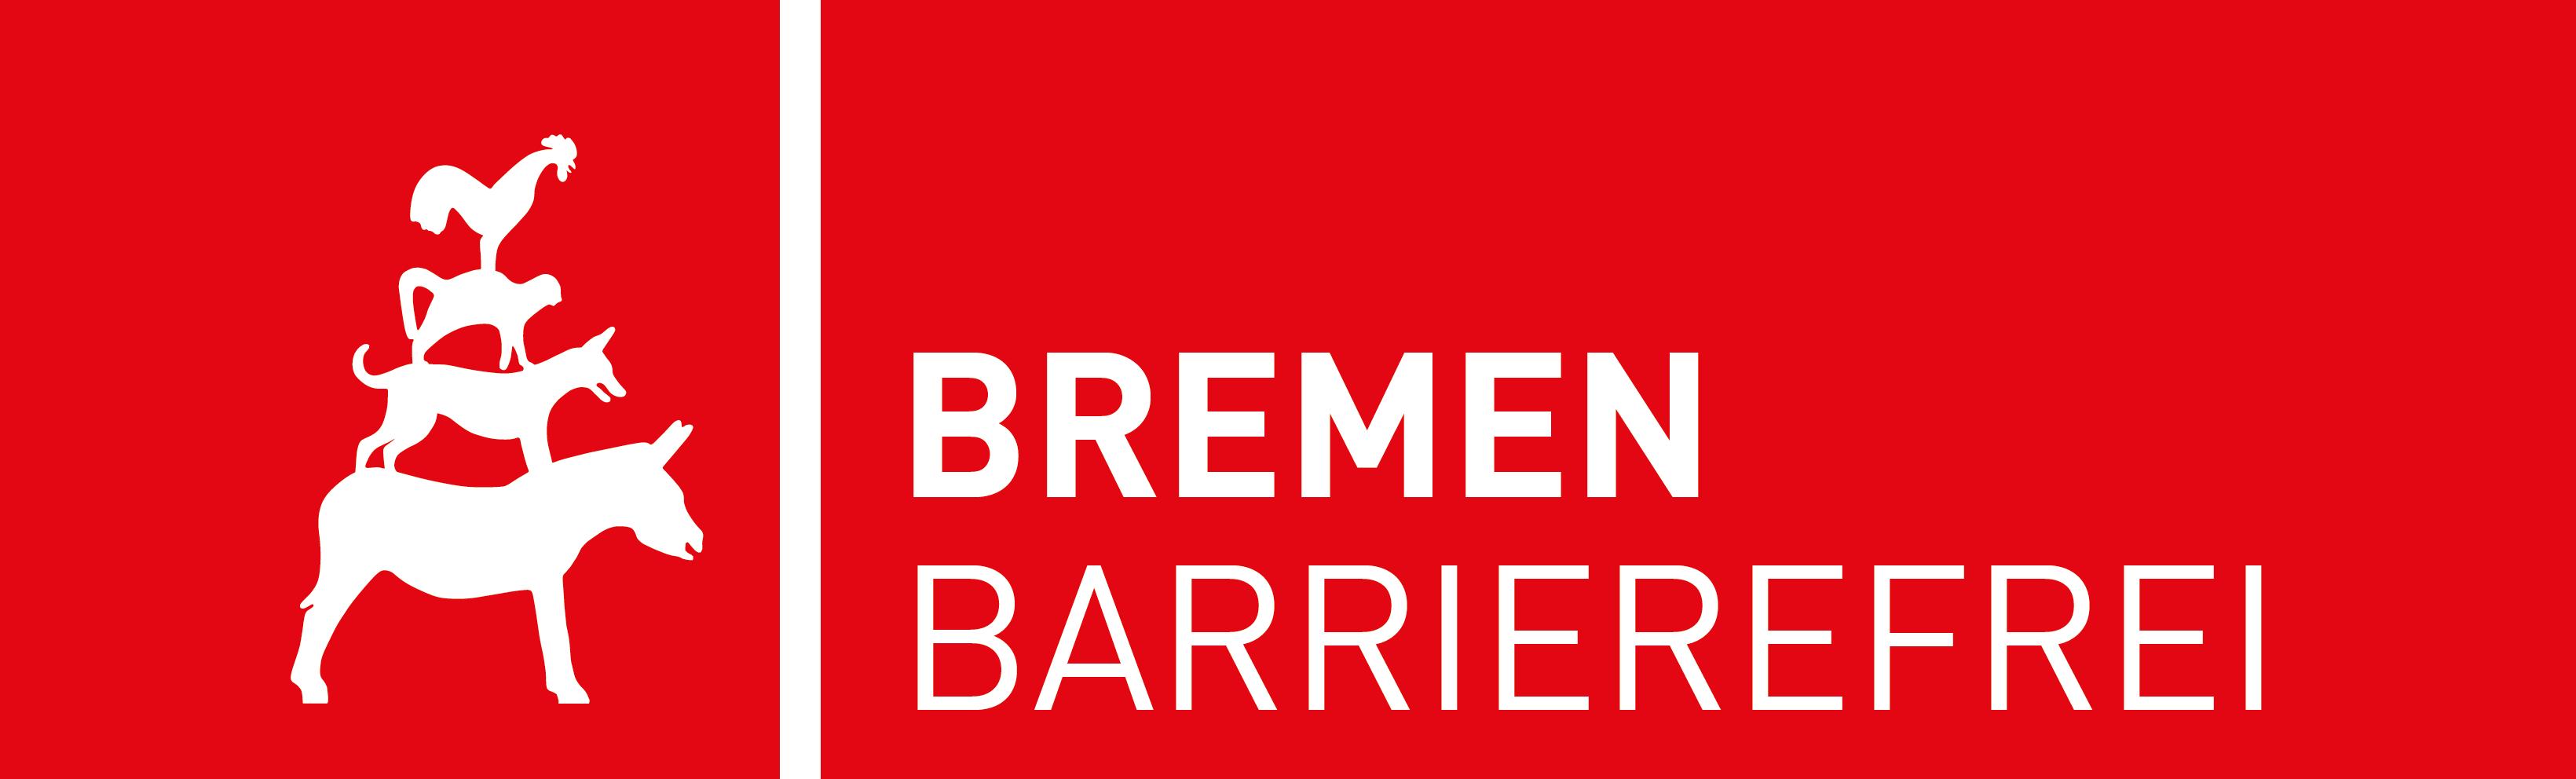 bremen_barrierefrei_dachmarke-01 Begegnungszentrum Schwachhausen